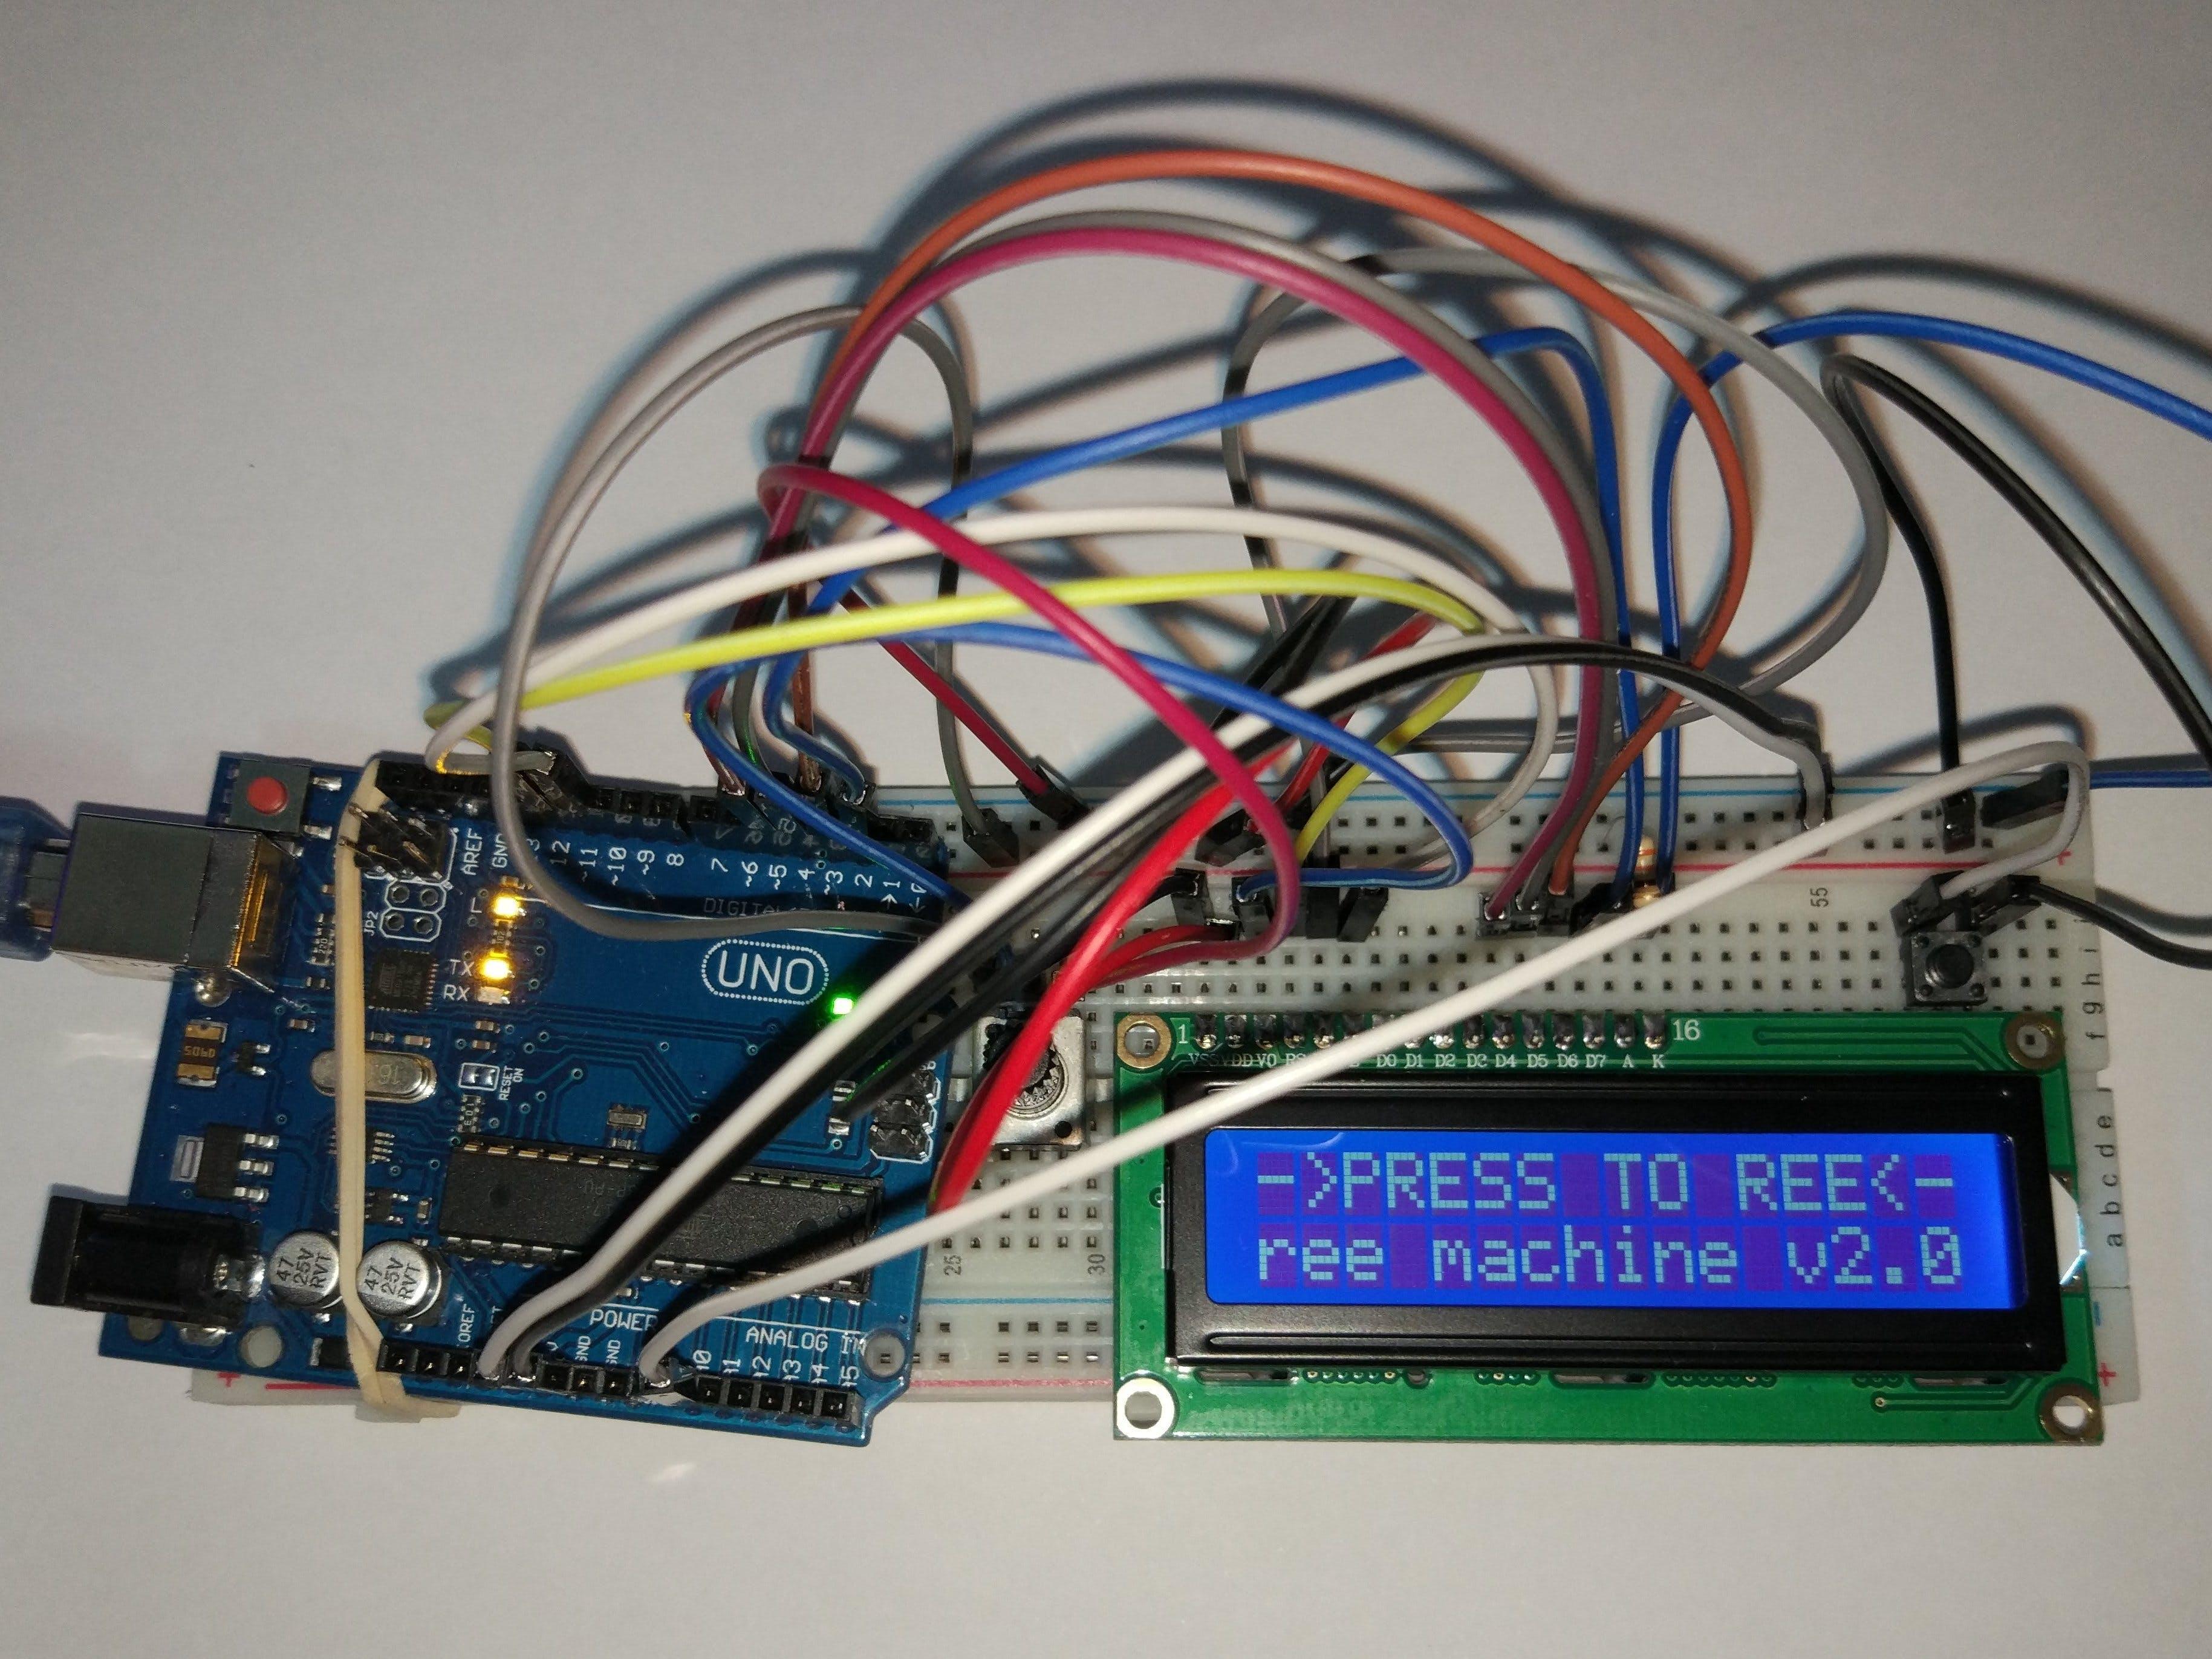 REEE Machine v2.0